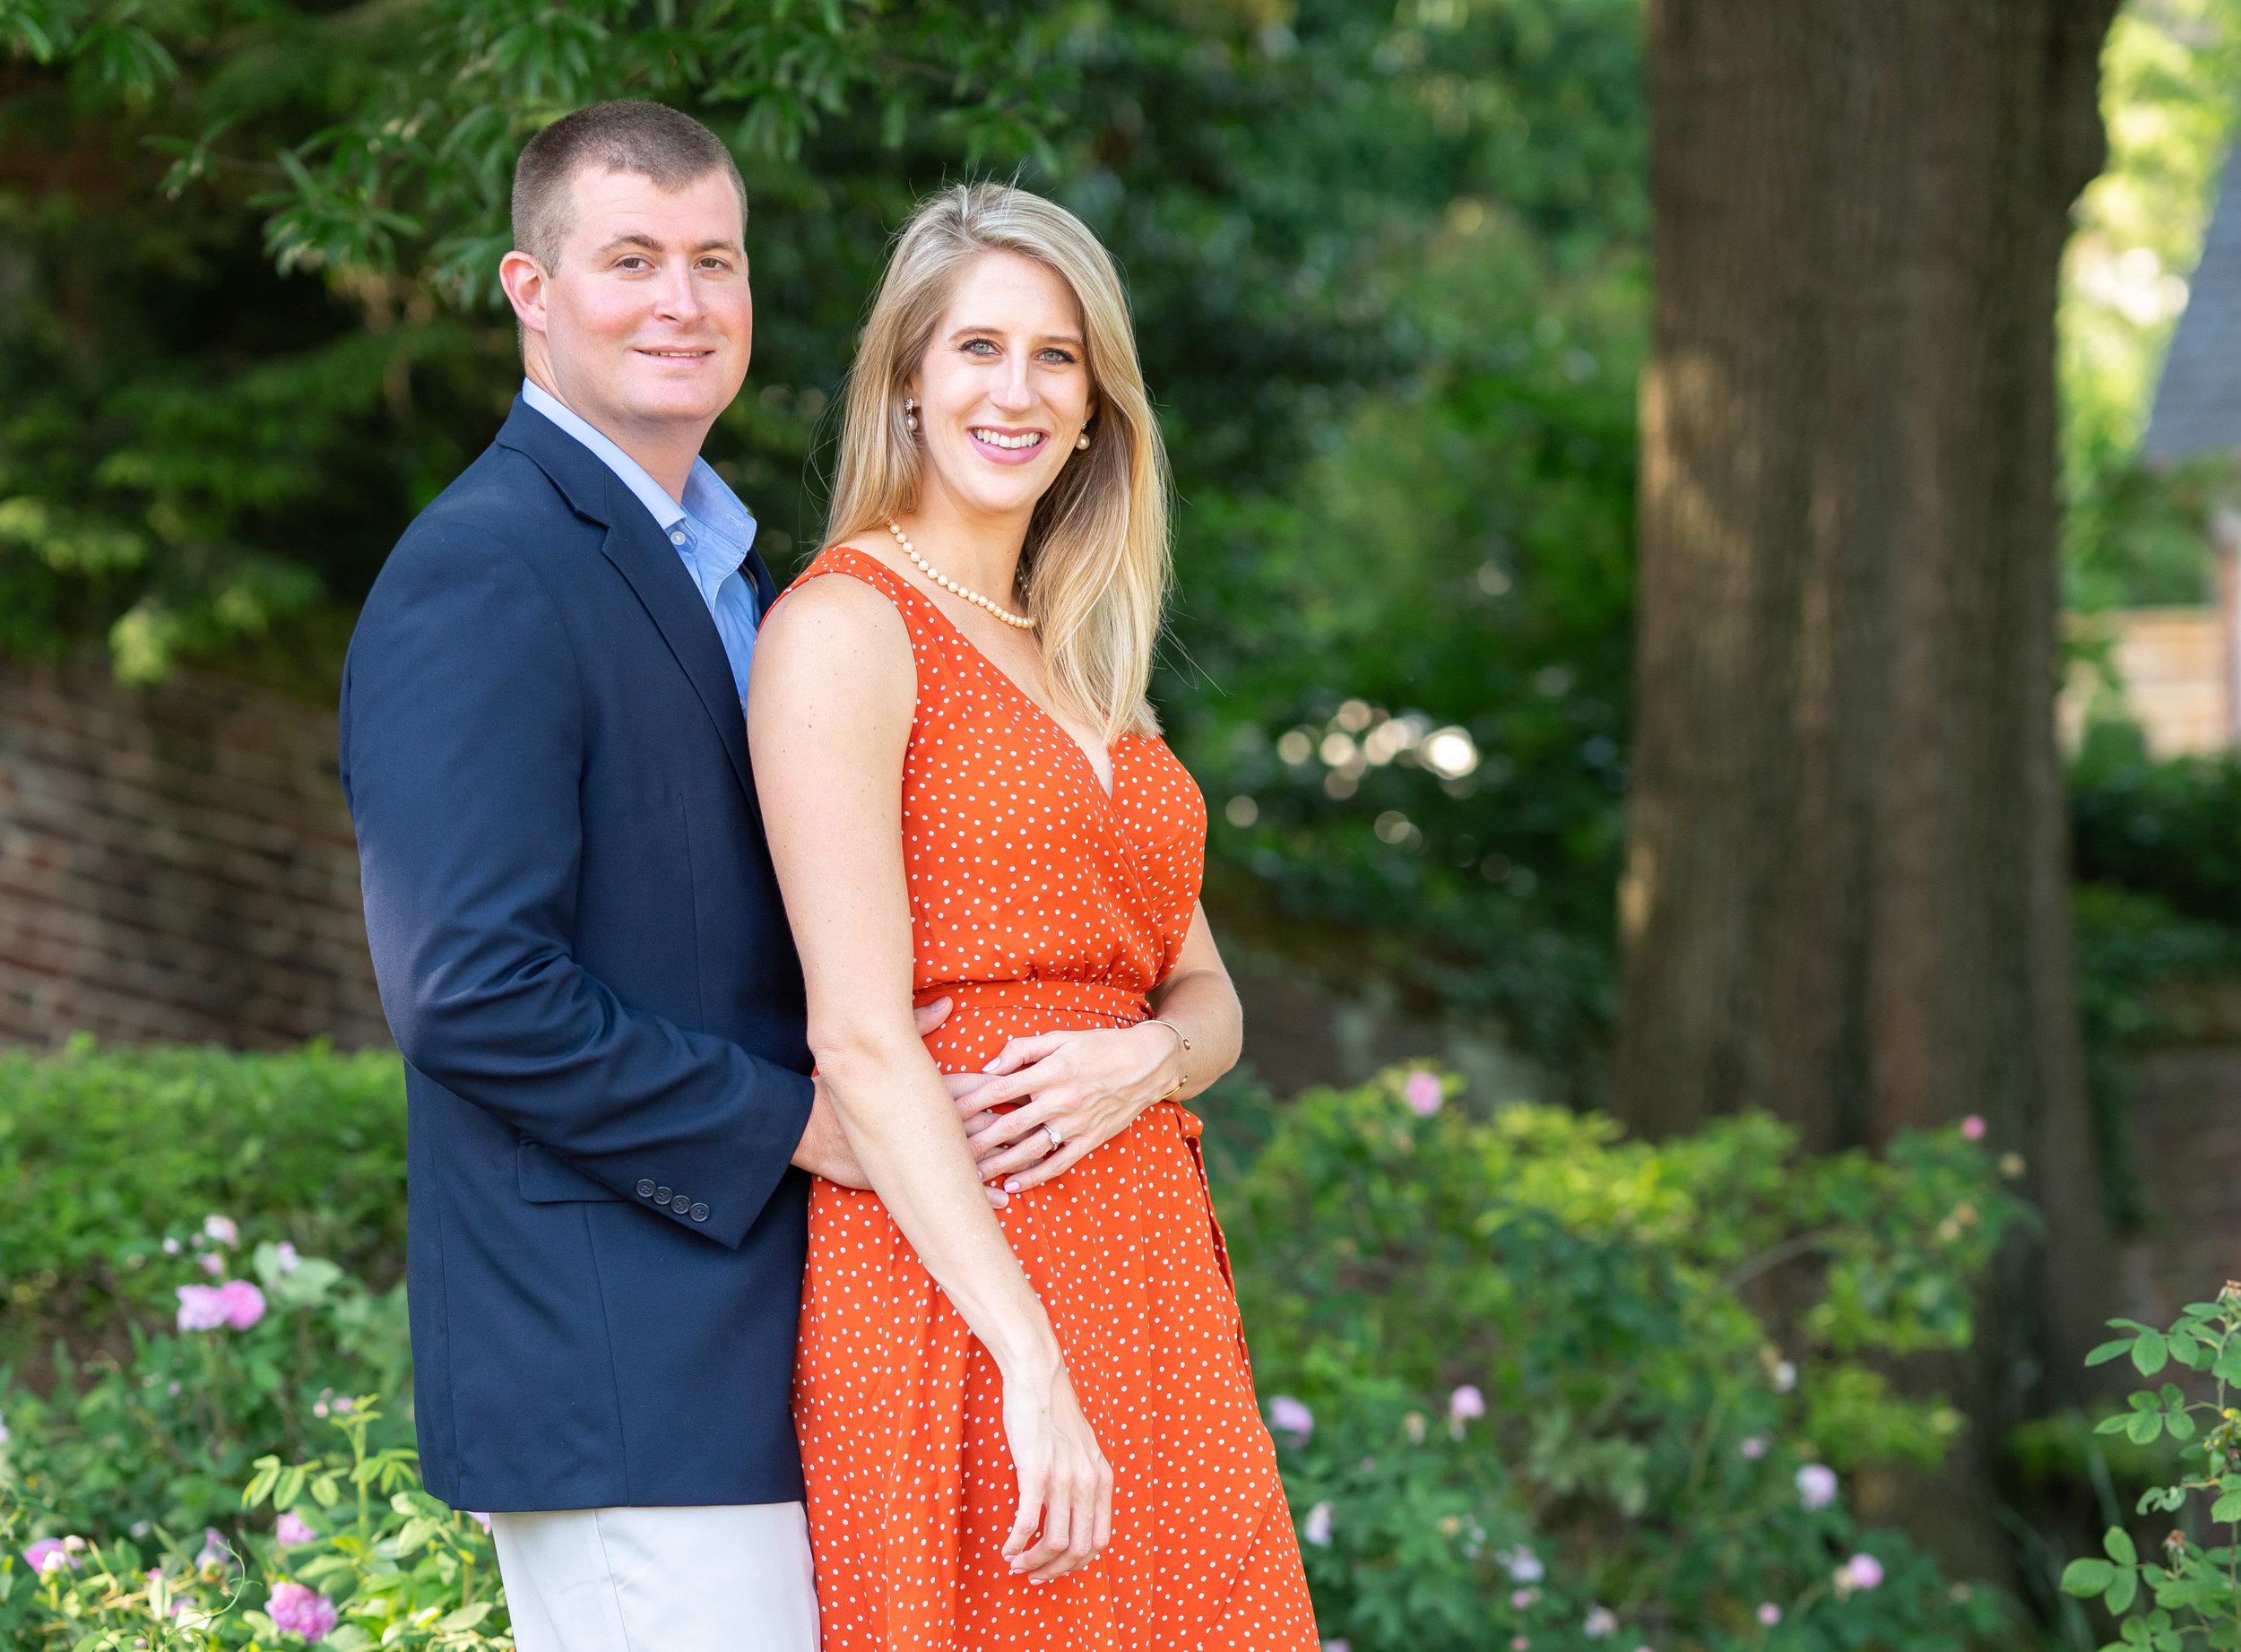 Orange dot dress and blue suit engagement outfit ideas